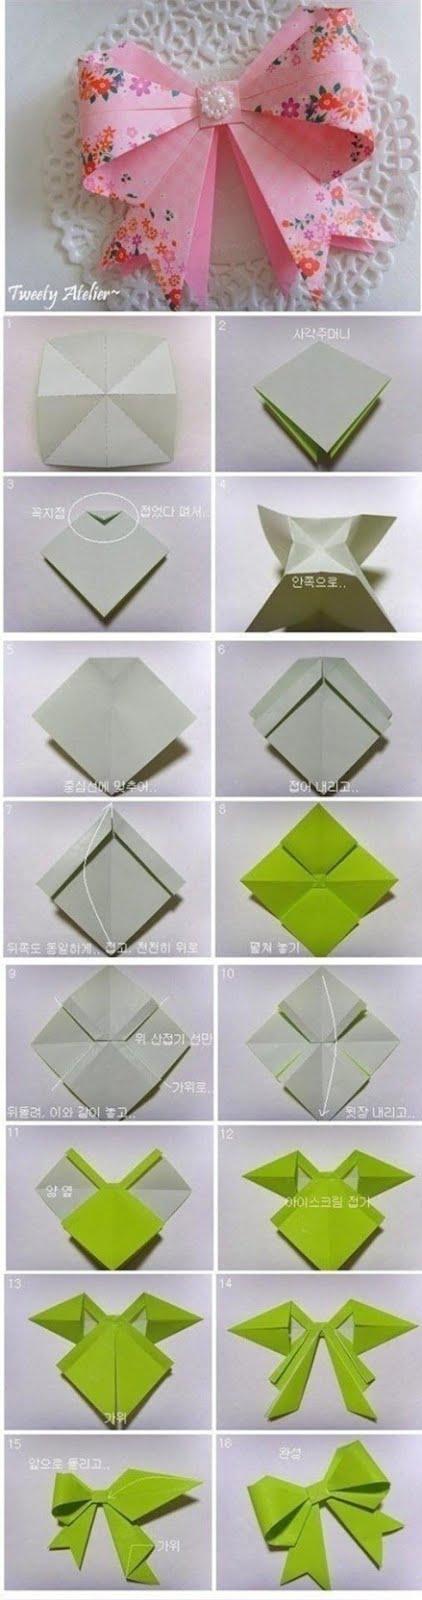 Видео как сделать оригами бантик